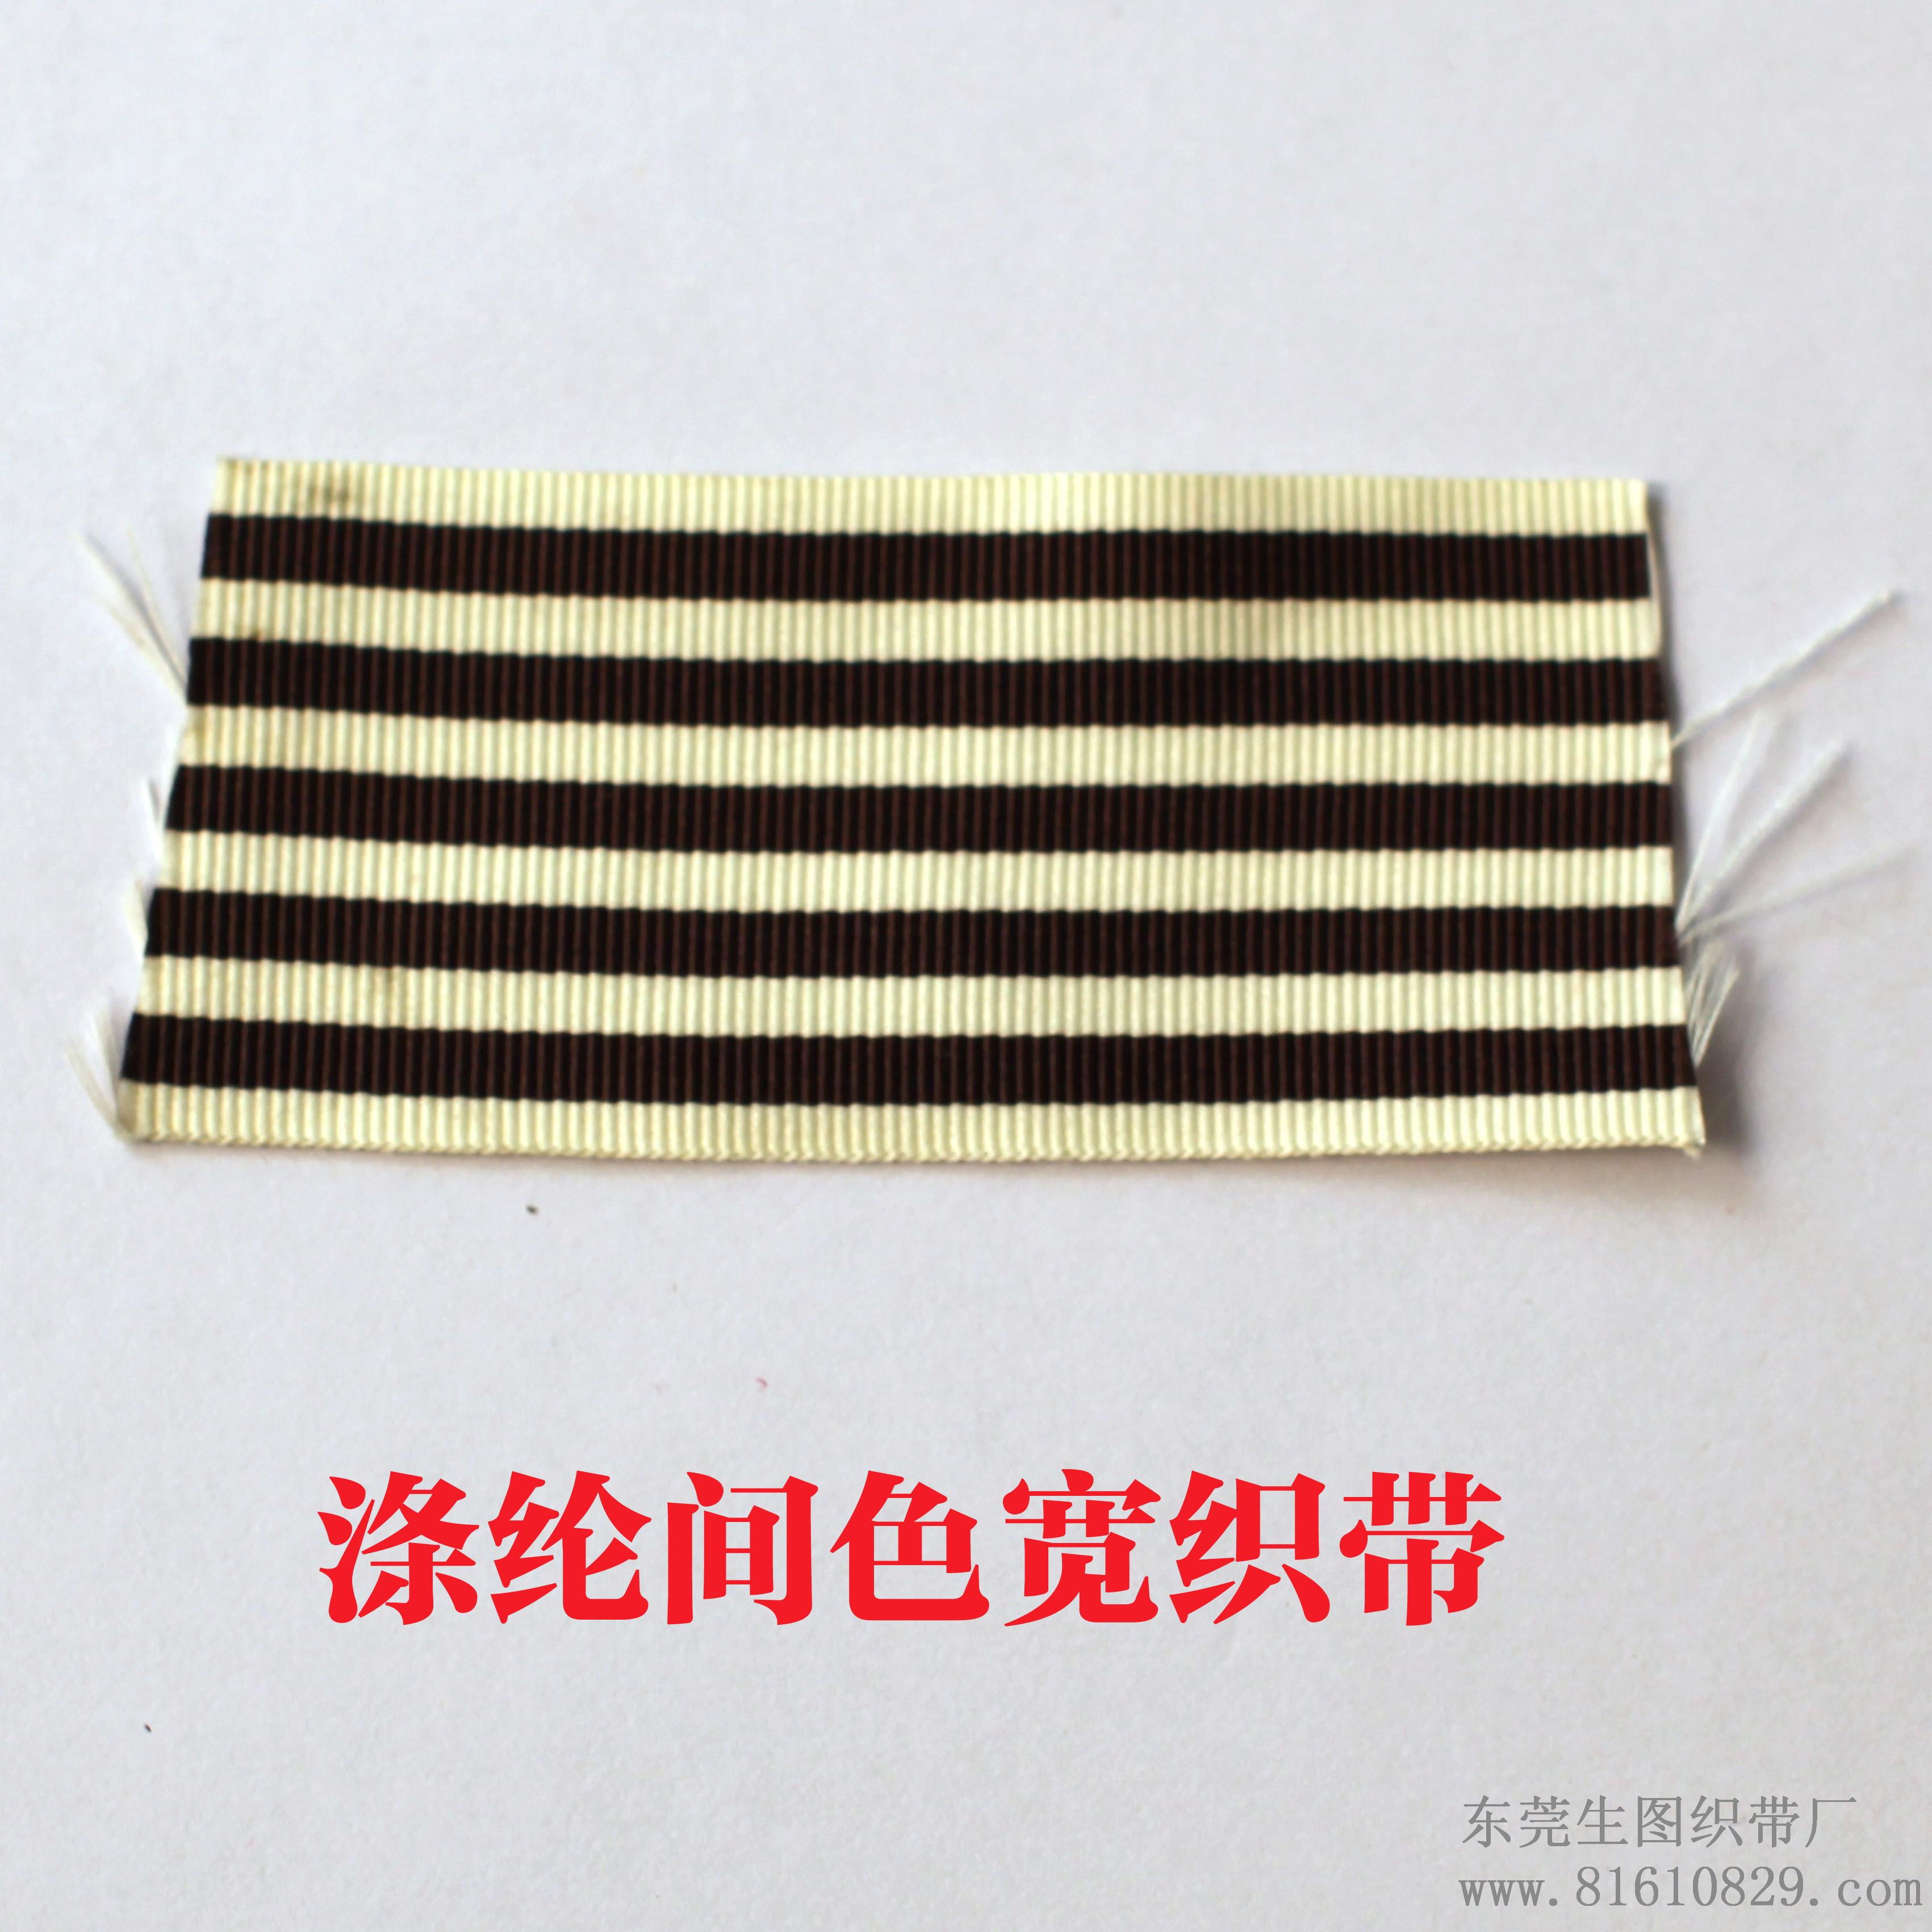 专业订做涤纶间色织带 服装辅料织带生产厂家